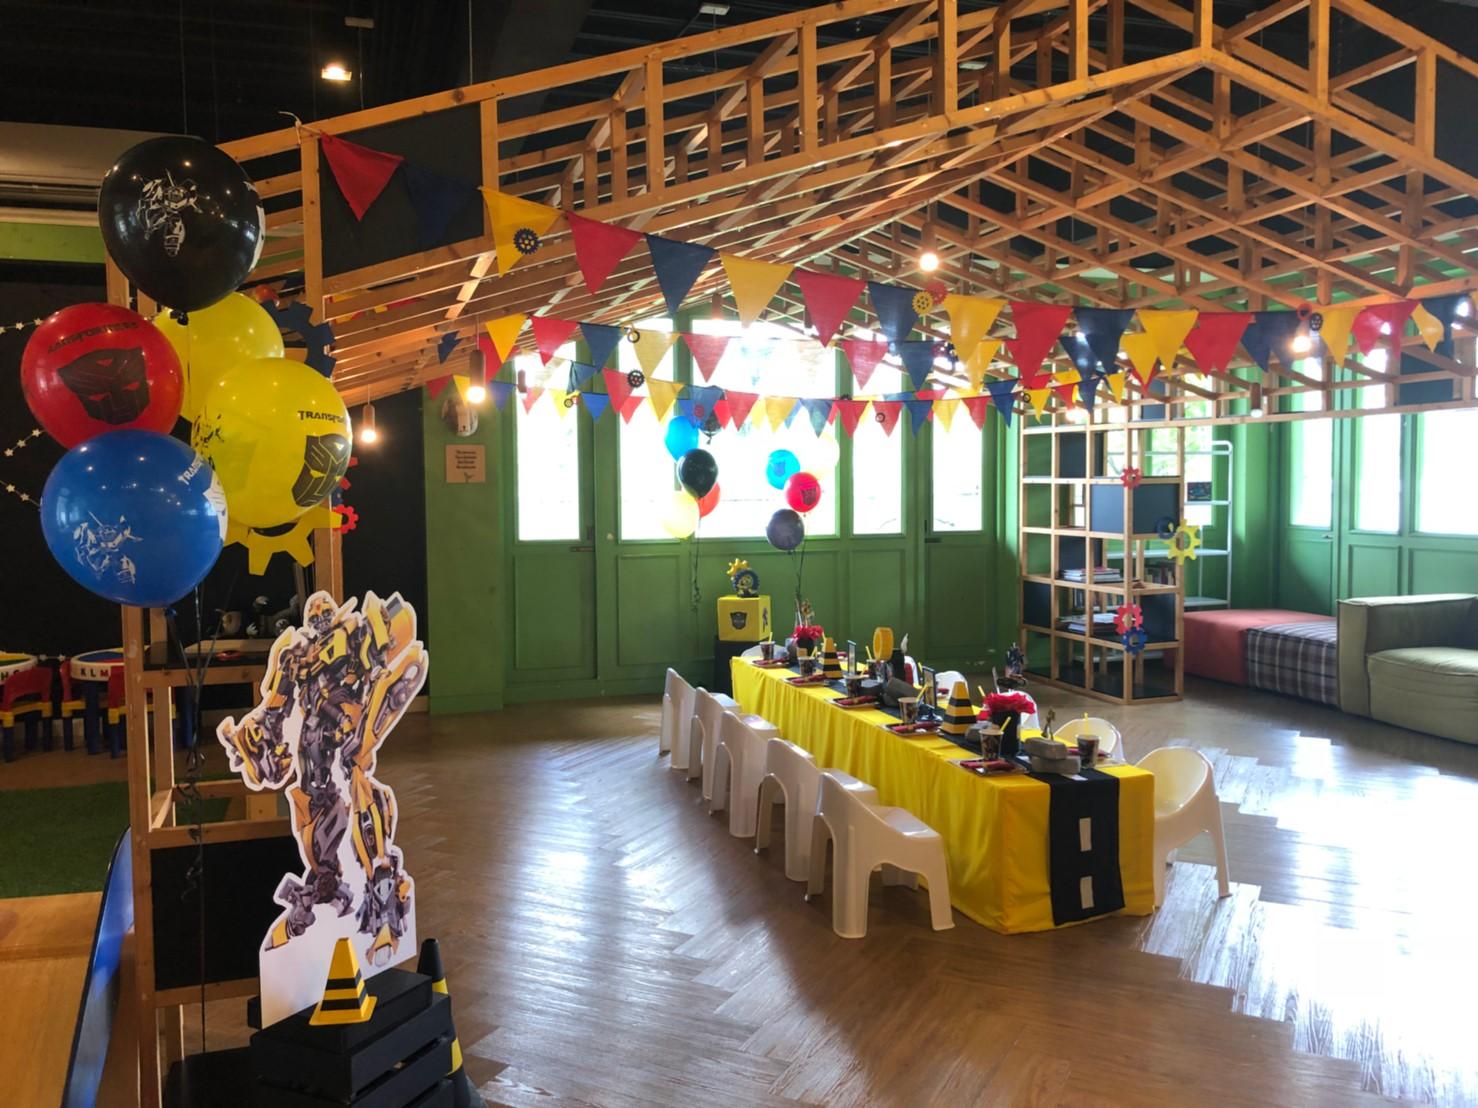 ปาร์ตี้วันเกิดน้องแมกซ์เวลในธีม Bumblebee จาก Transformers ฉลองครบ 5 ขวบกับคุณพ่อไมค์ พิรัช และคุณแม่ซาร่า บรรยากาศปาร์ตี้อบอุ่น งานตกแต่งน่ารัก และกิจกรรมแสนสนุก